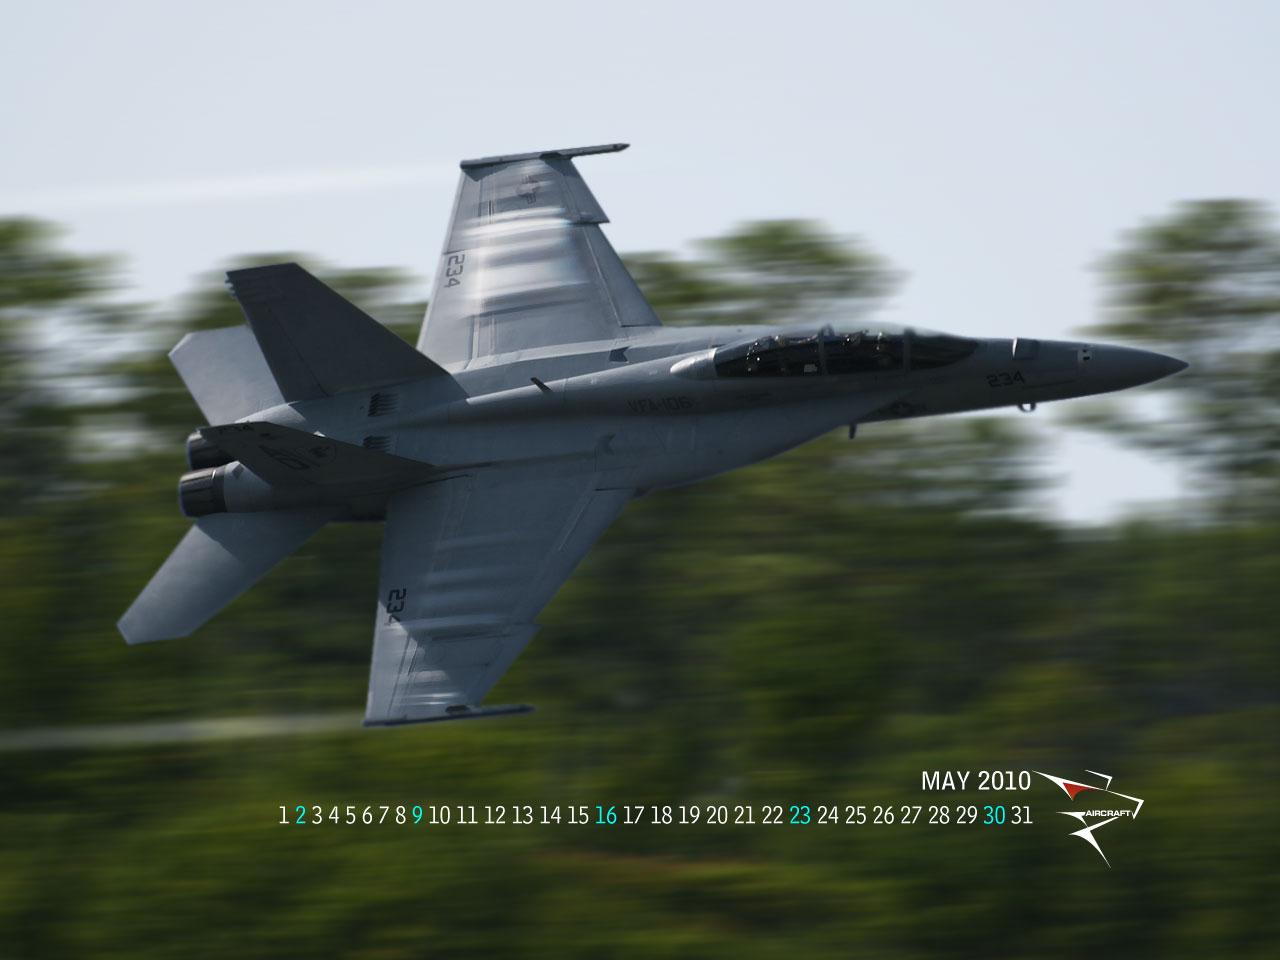 0047_F-18F_1280x960_wallpaper.jpg